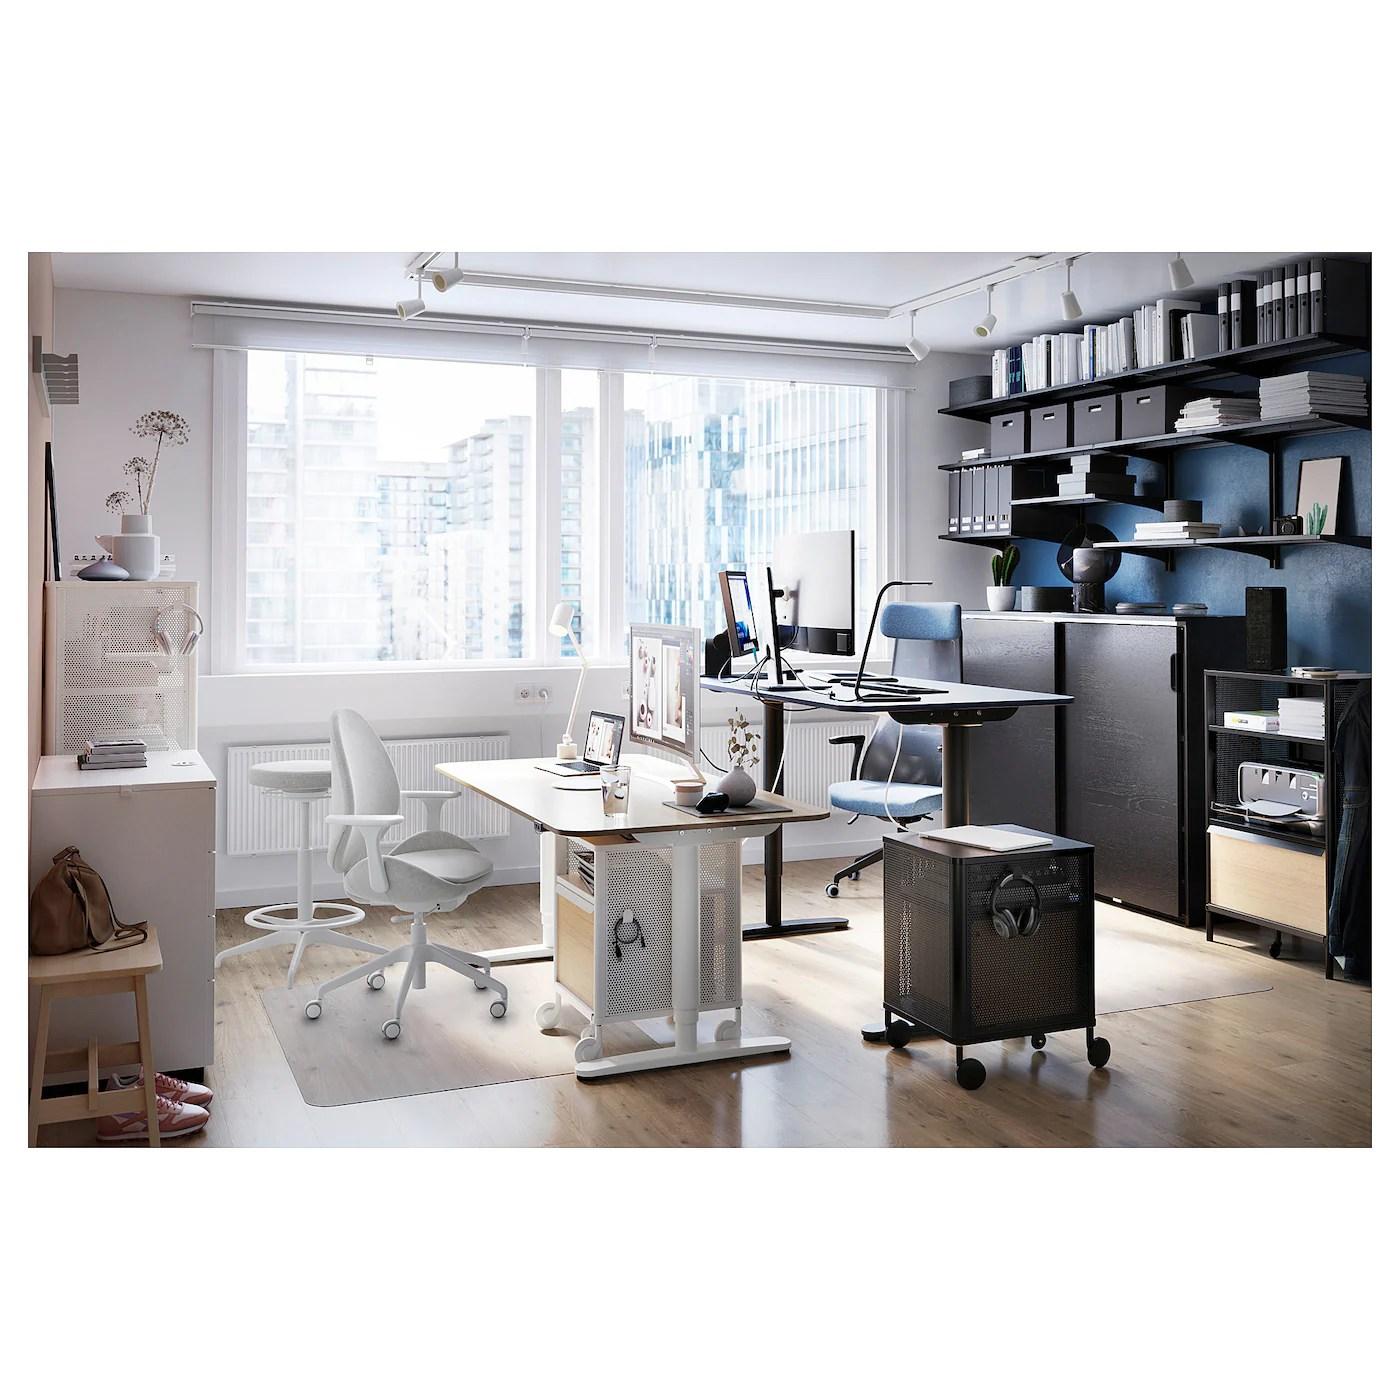 Bekant Rangement Mobile Grillage Noir Ikea Suisse